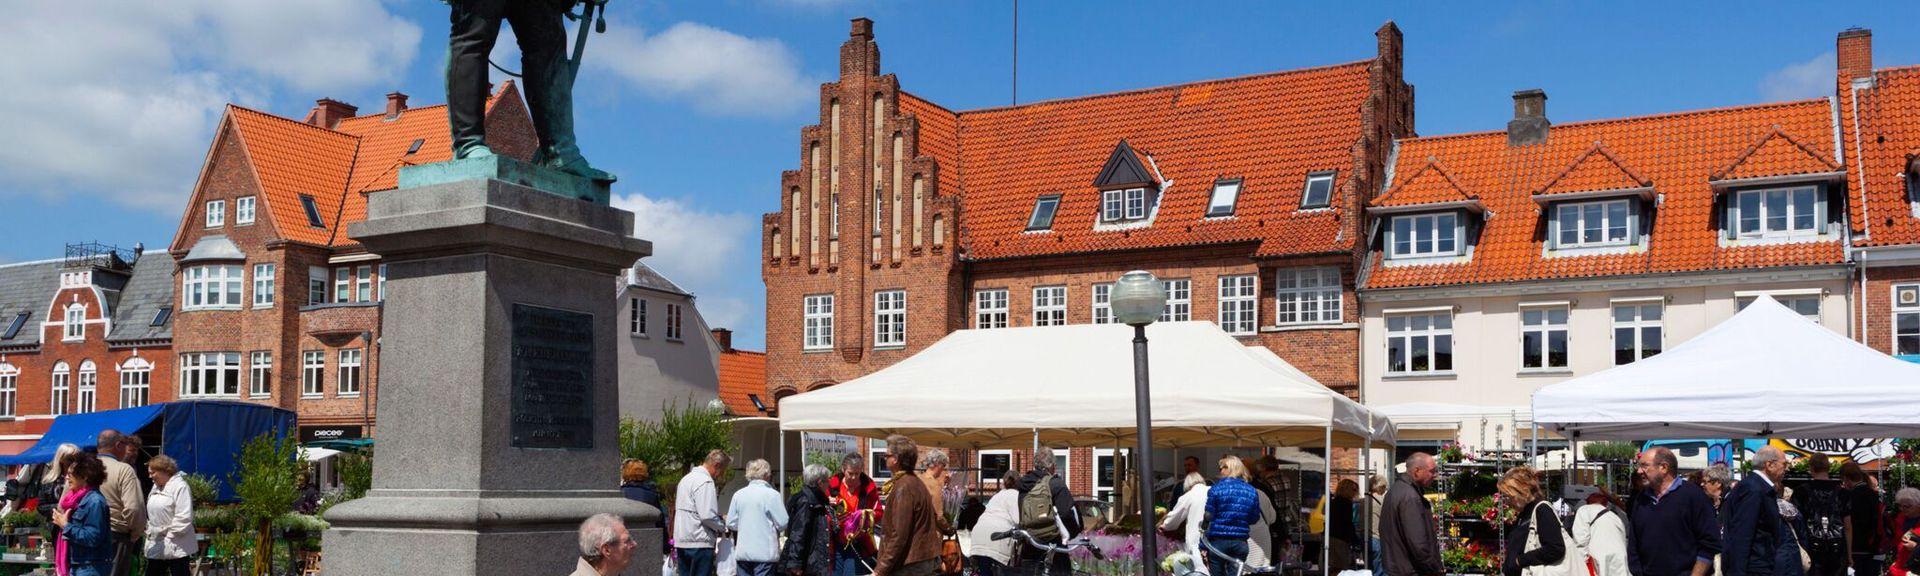 Køge, Region Seeland, Dänemark